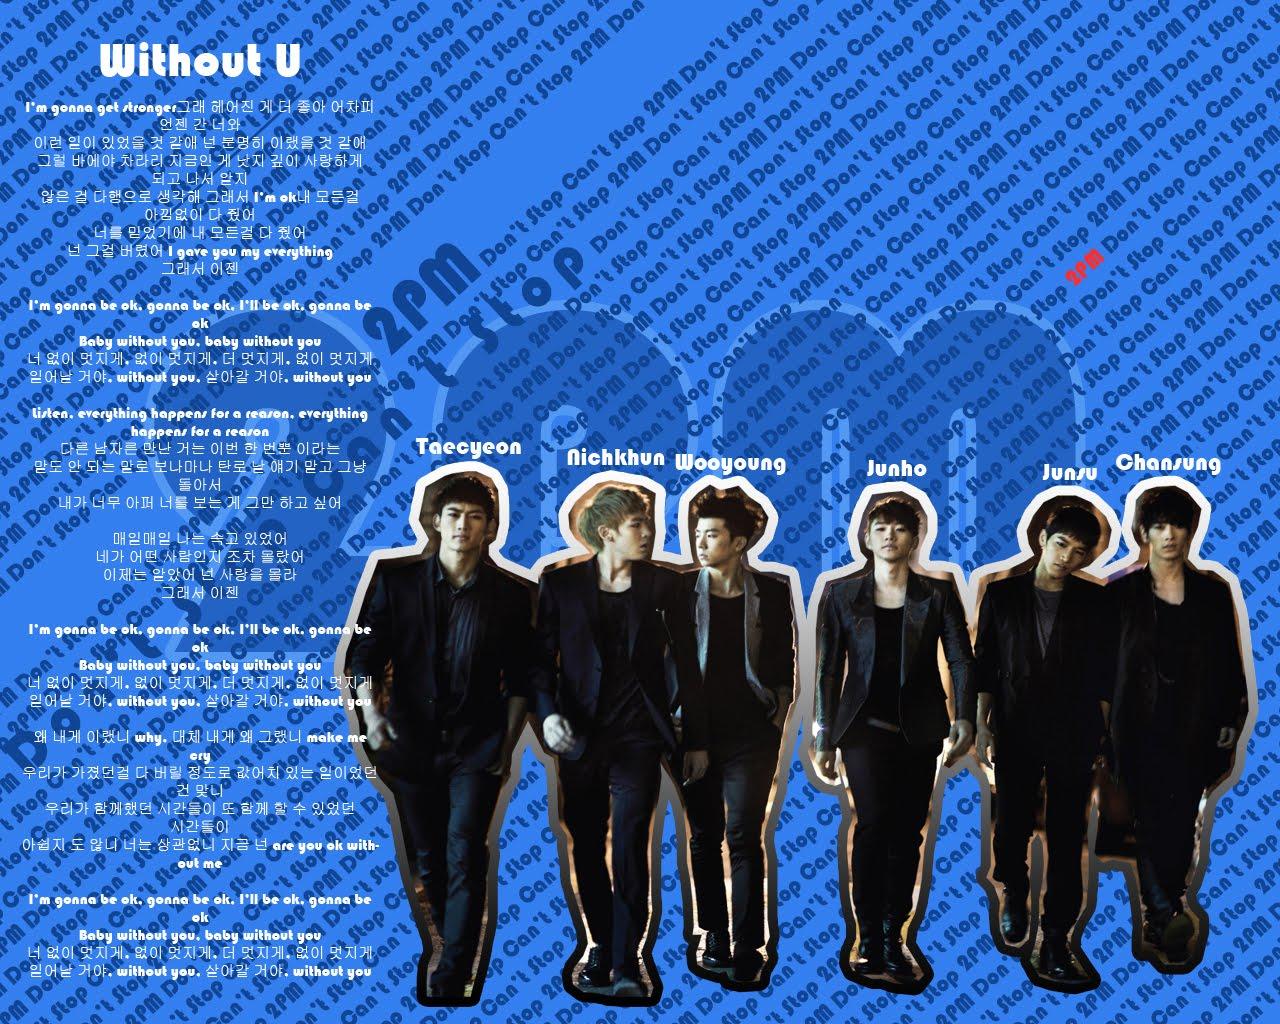 http://4.bp.blogspot.com/_LH46rerBMsk/S_imcFOBZzI/AAAAAAAAAB0/WH1KZHn8zcc/s1600/2PM+-+Wallpaper.jpg